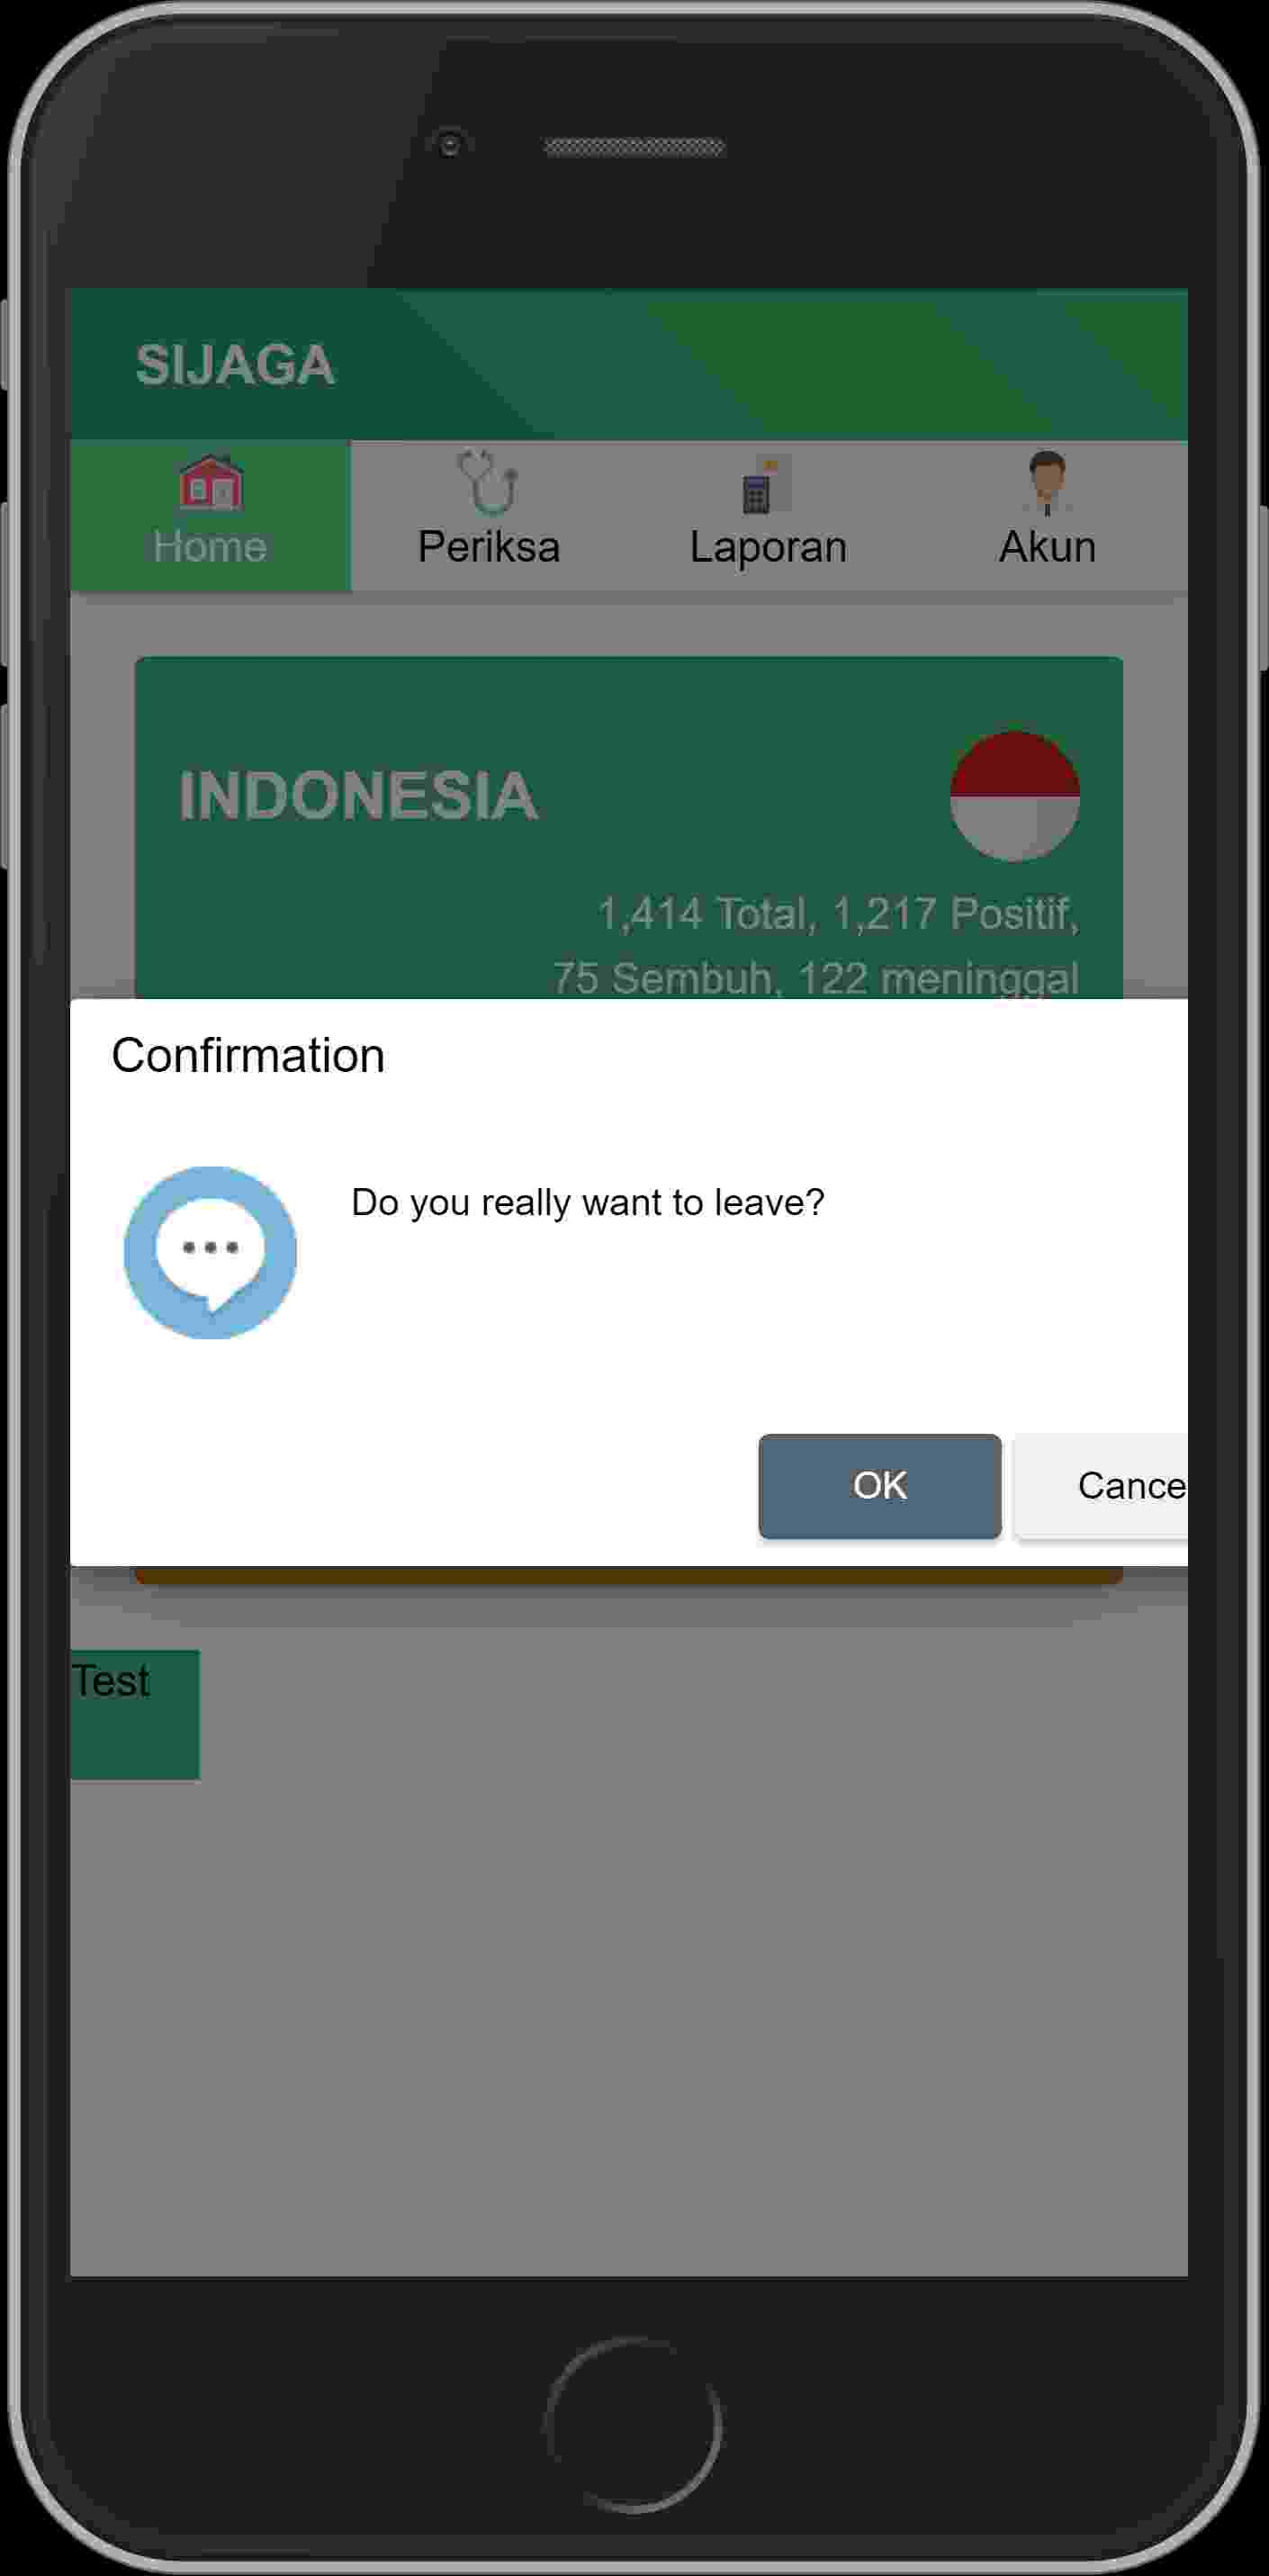 localhost_3000_(iPhone 6_7_8 Plus)